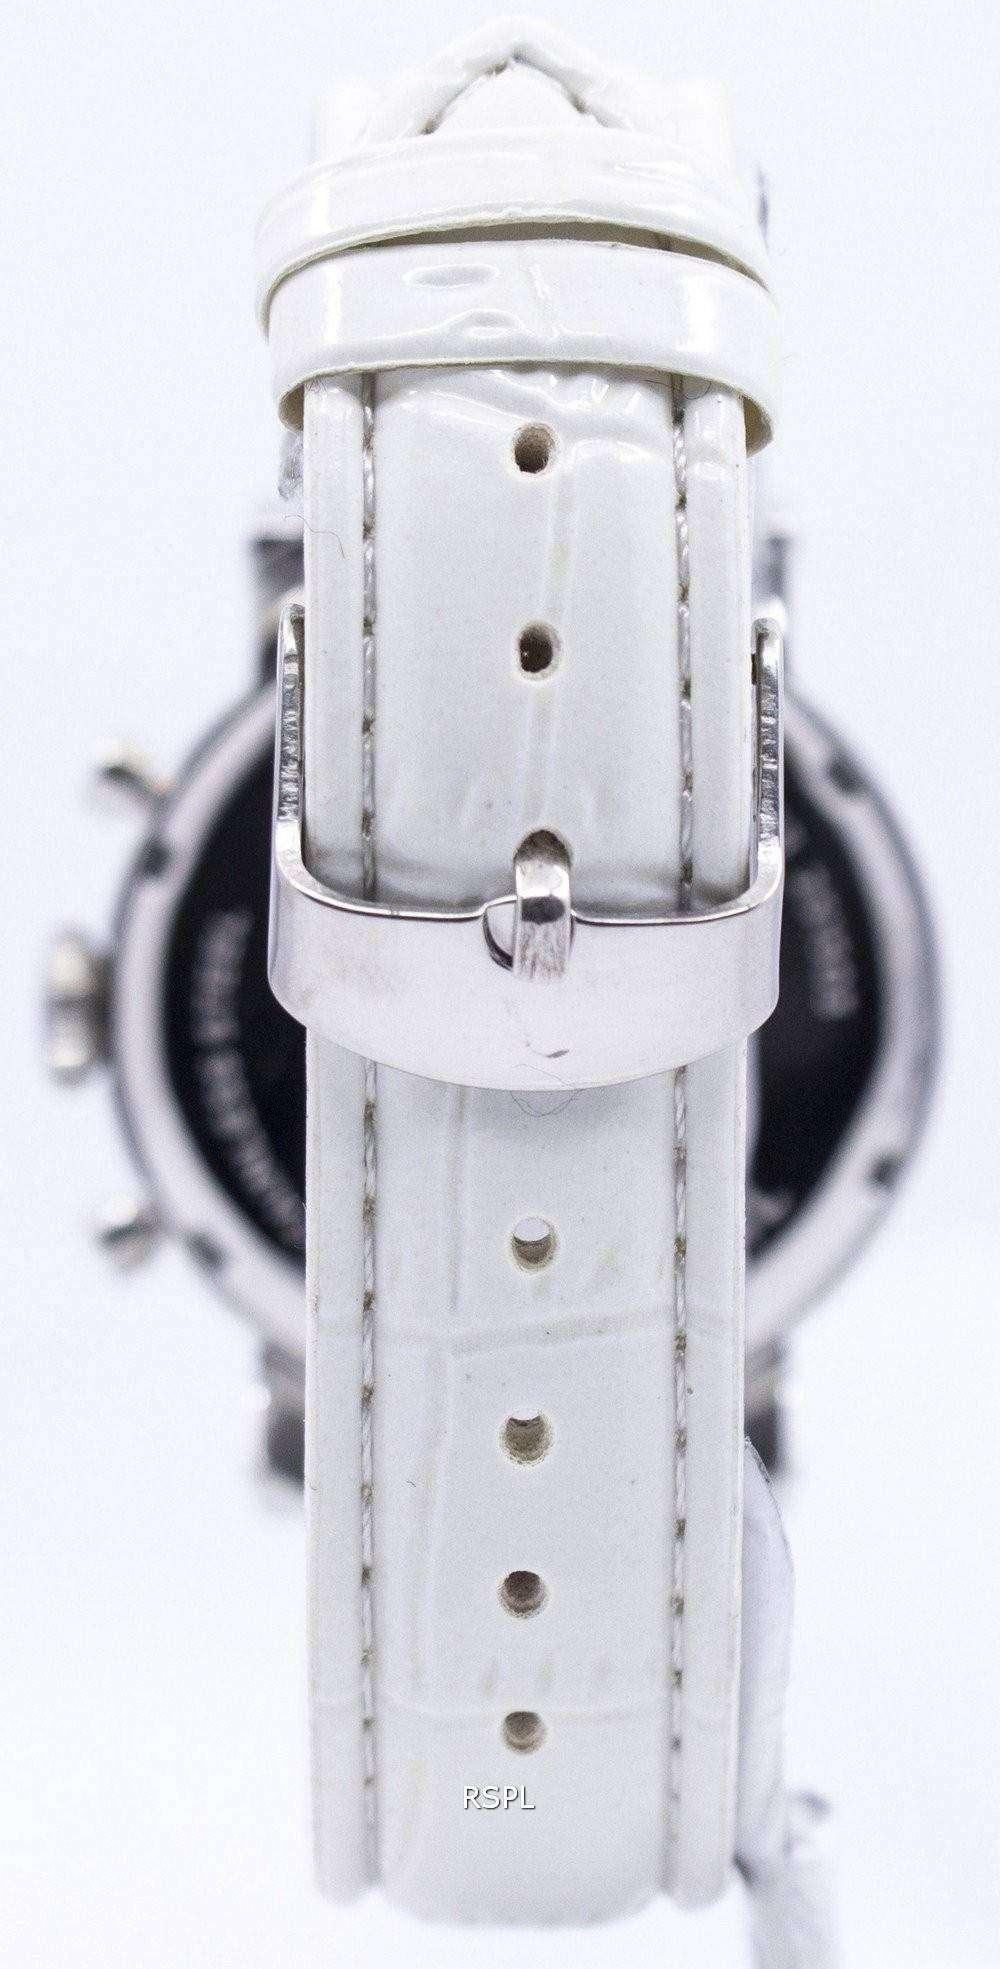 Fossil Original Boyfriend Chronograph Stainless Steel C181018 Wht Es3862 Womens Watch